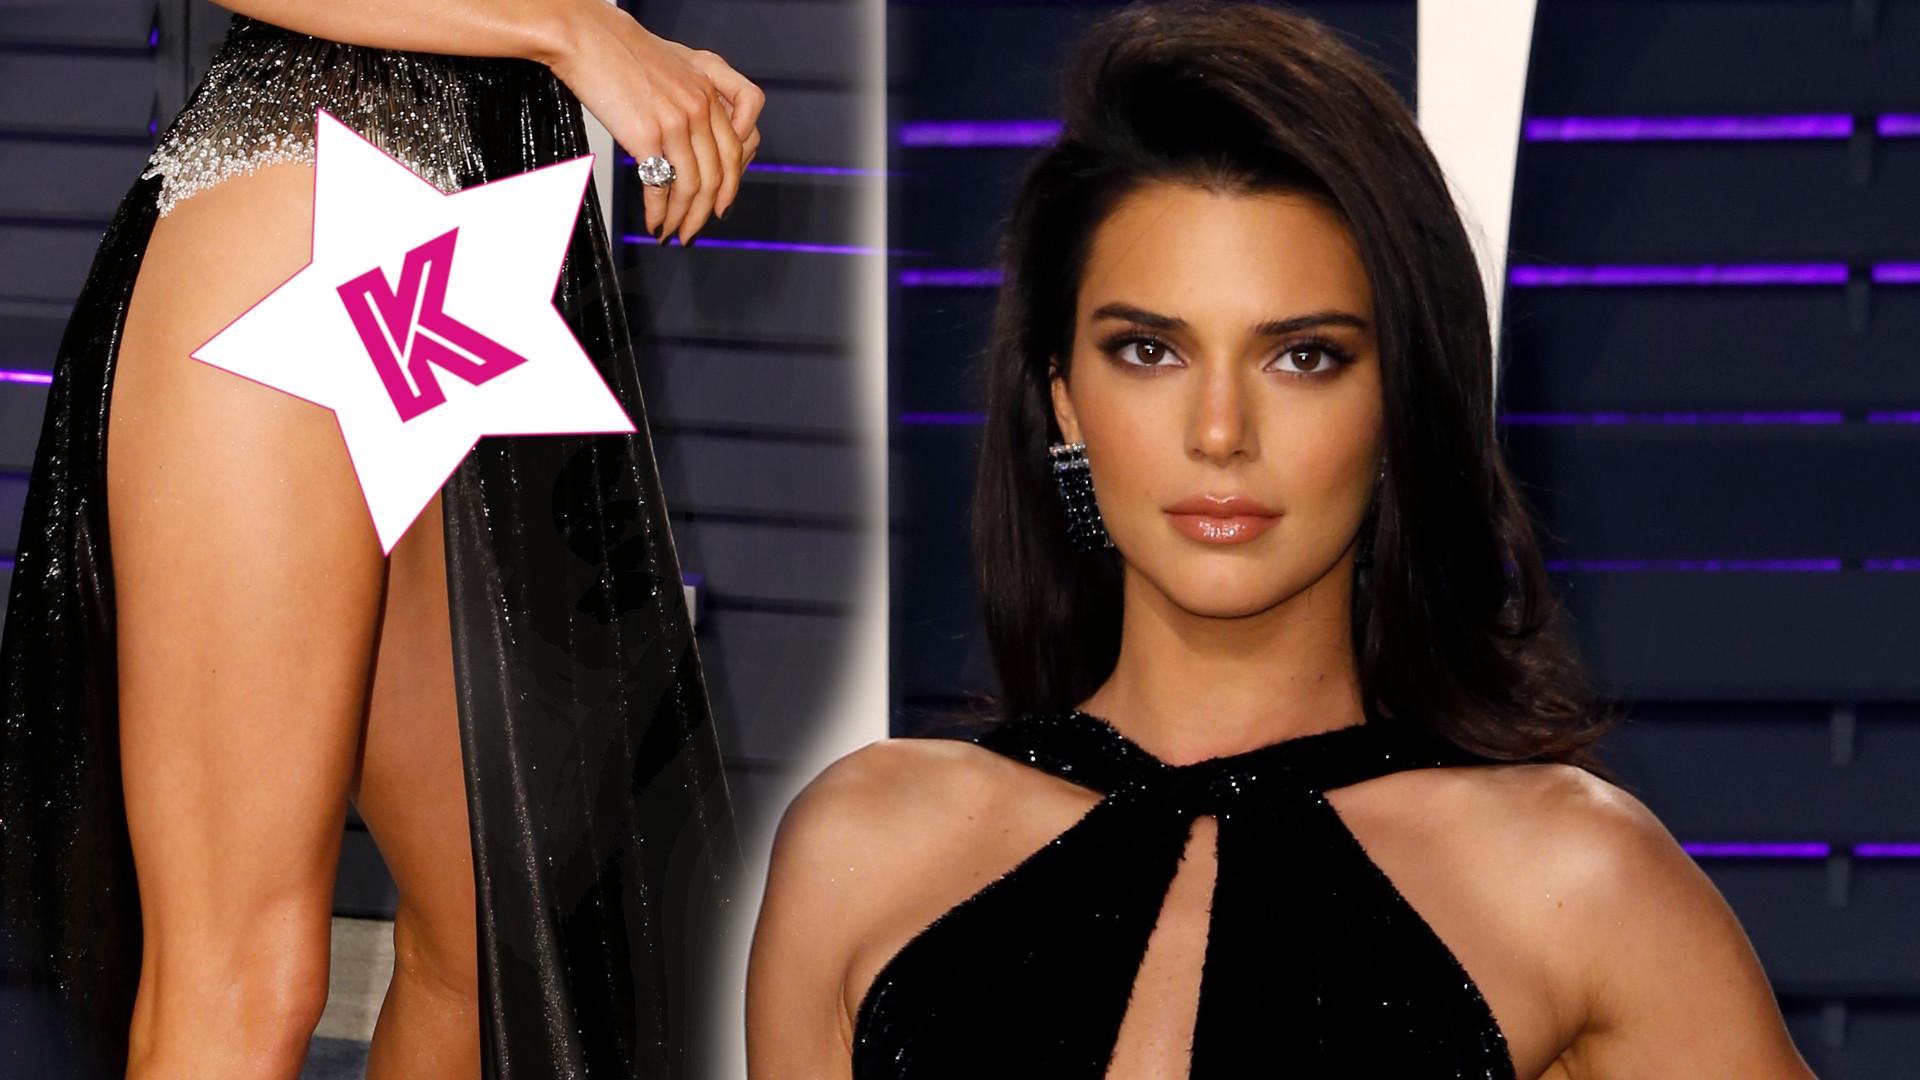 Kendall Jenner w ODWAŻNEJ kreacji, była o krok od wielkiej wpadki (ZDJĘCIA)